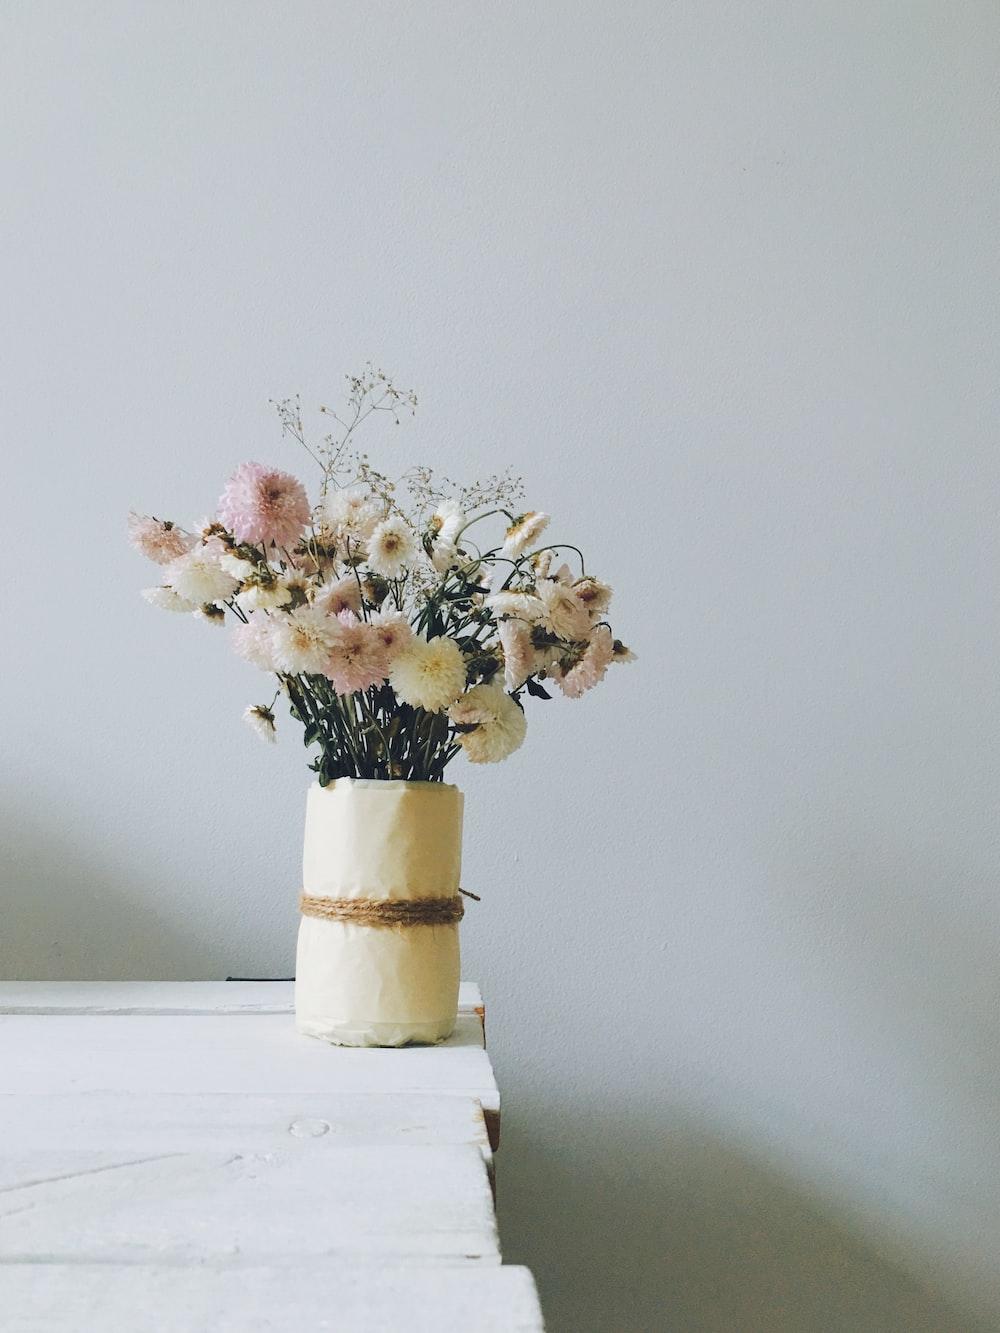 white petaled flowers in white vase